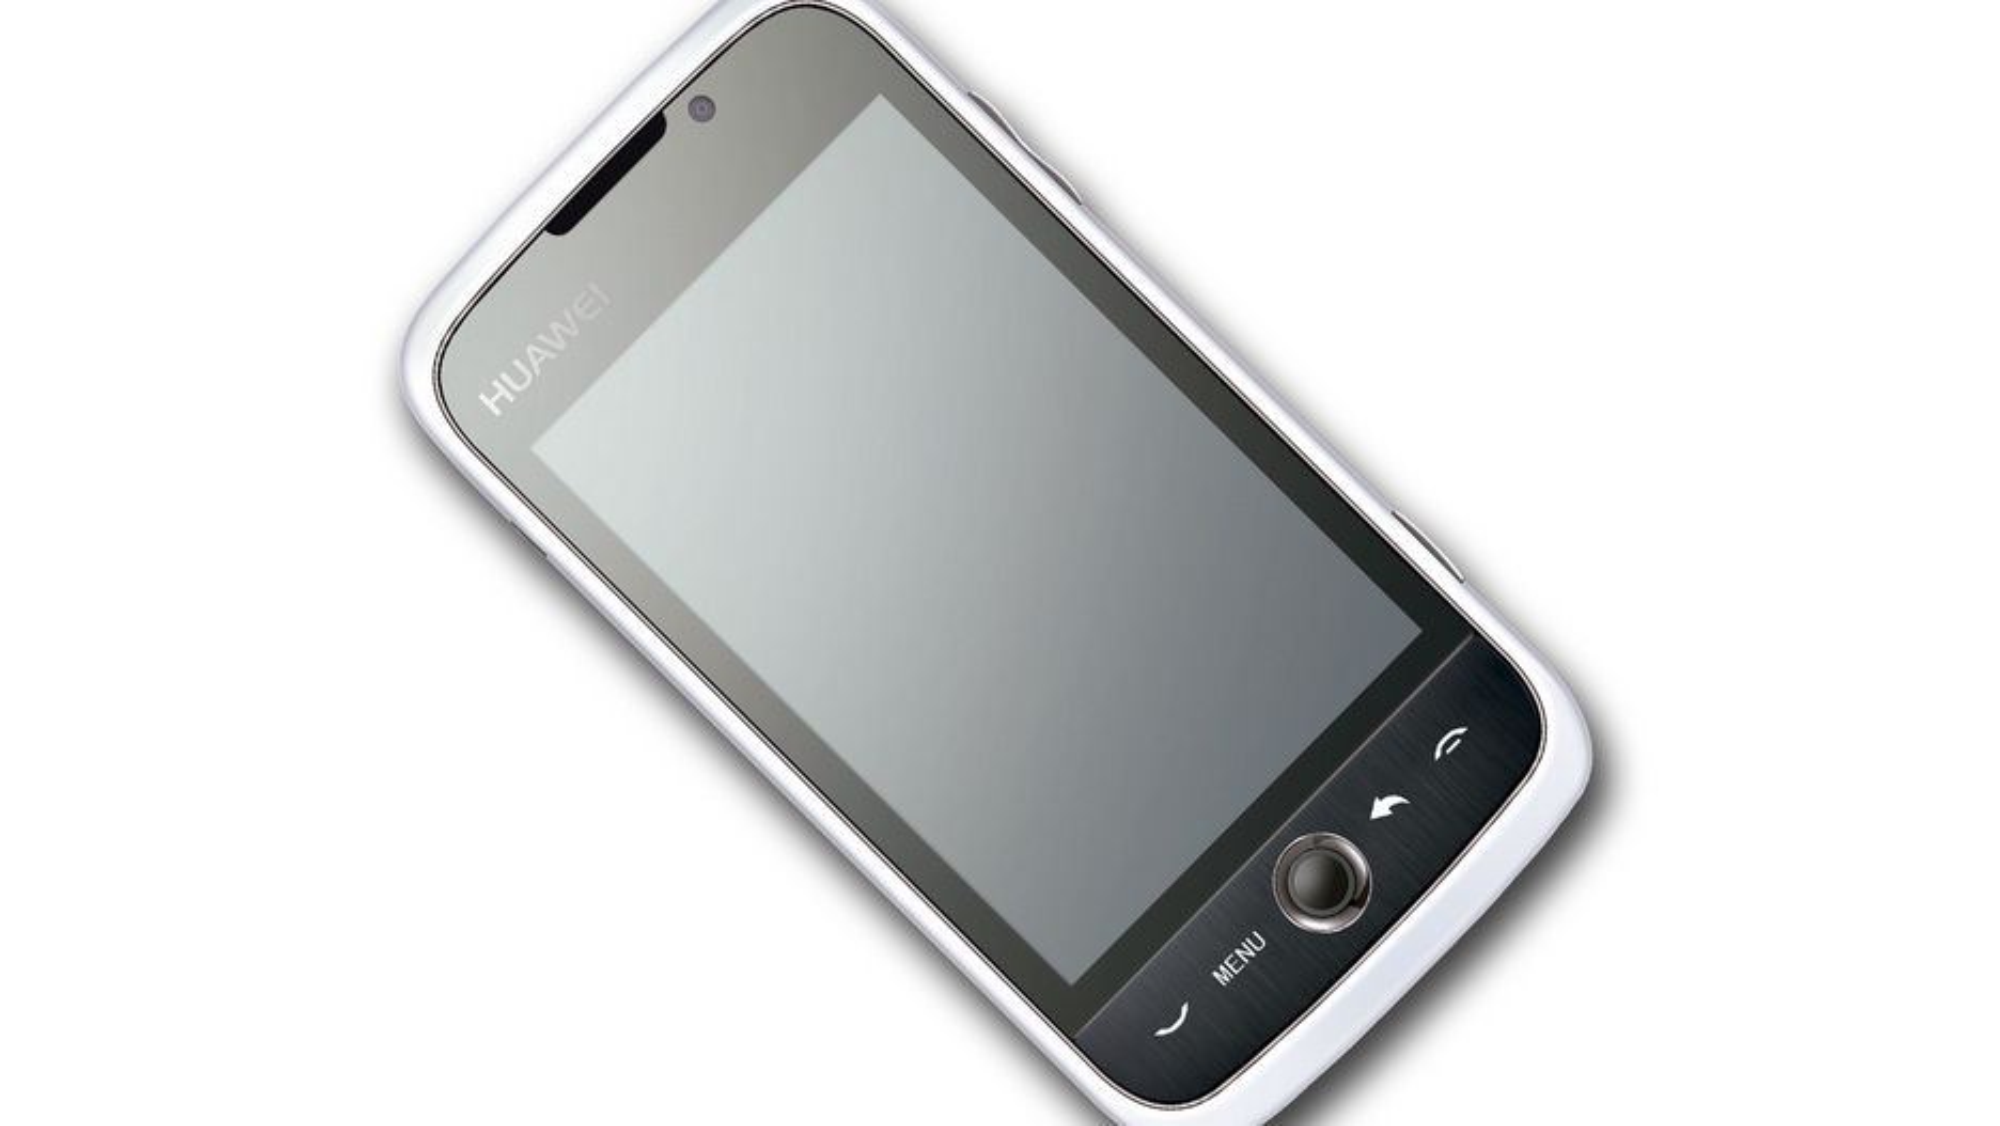 Huaweis U8230 er en touchmobil med 3,5 tommers skjerm og pris under 2000 kroner.